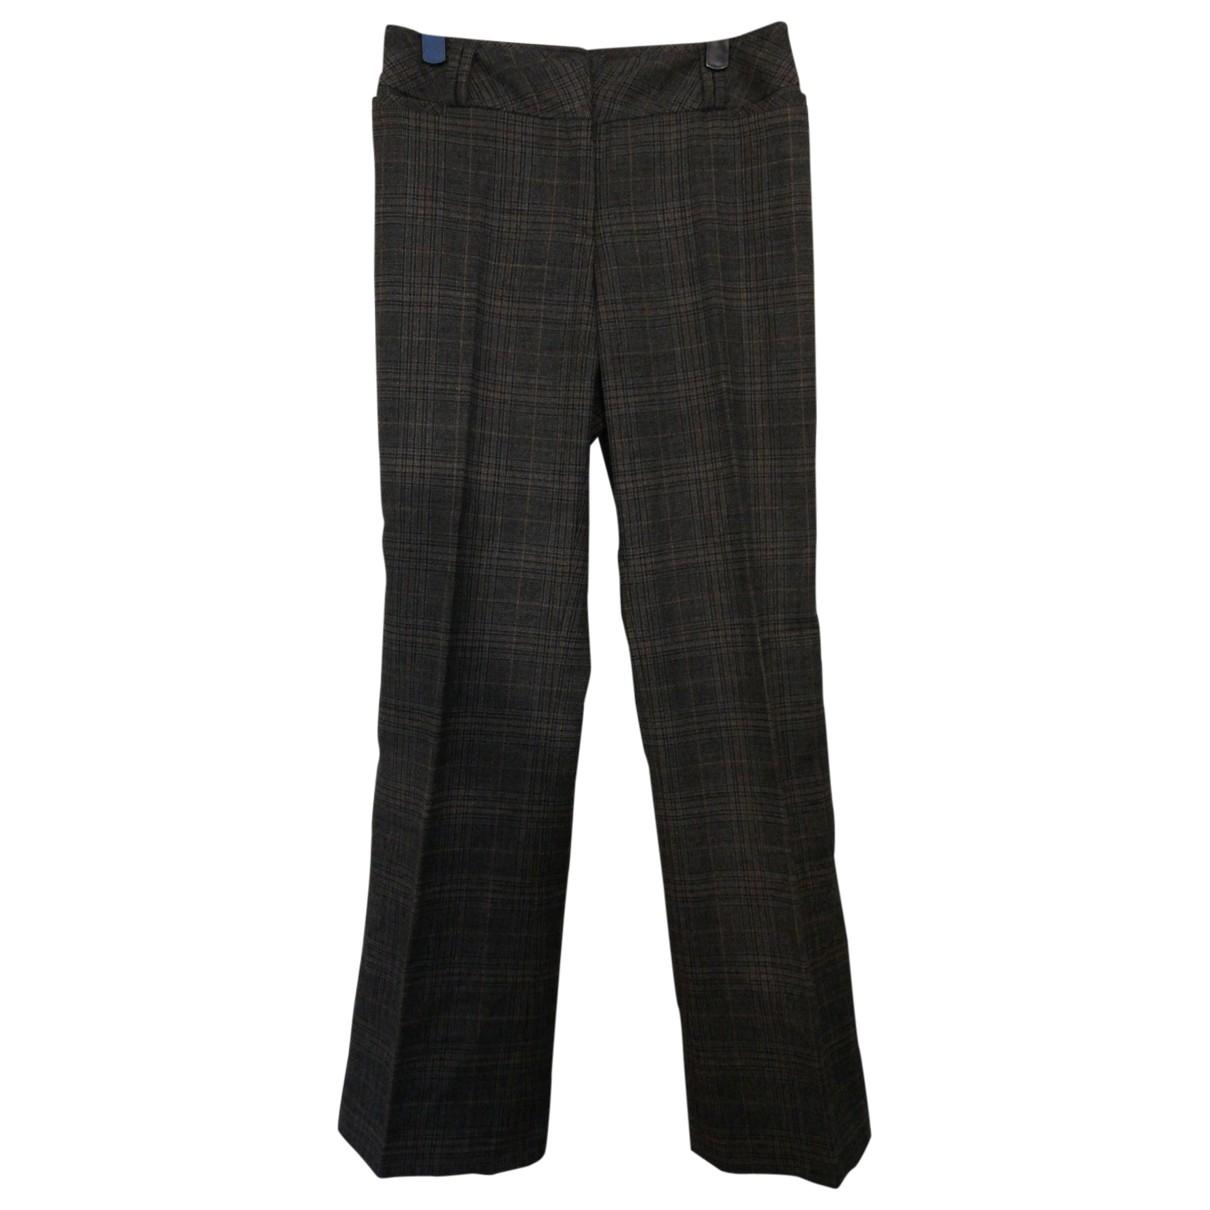 Pantalon recto de Lana Non Signe / Unsigned